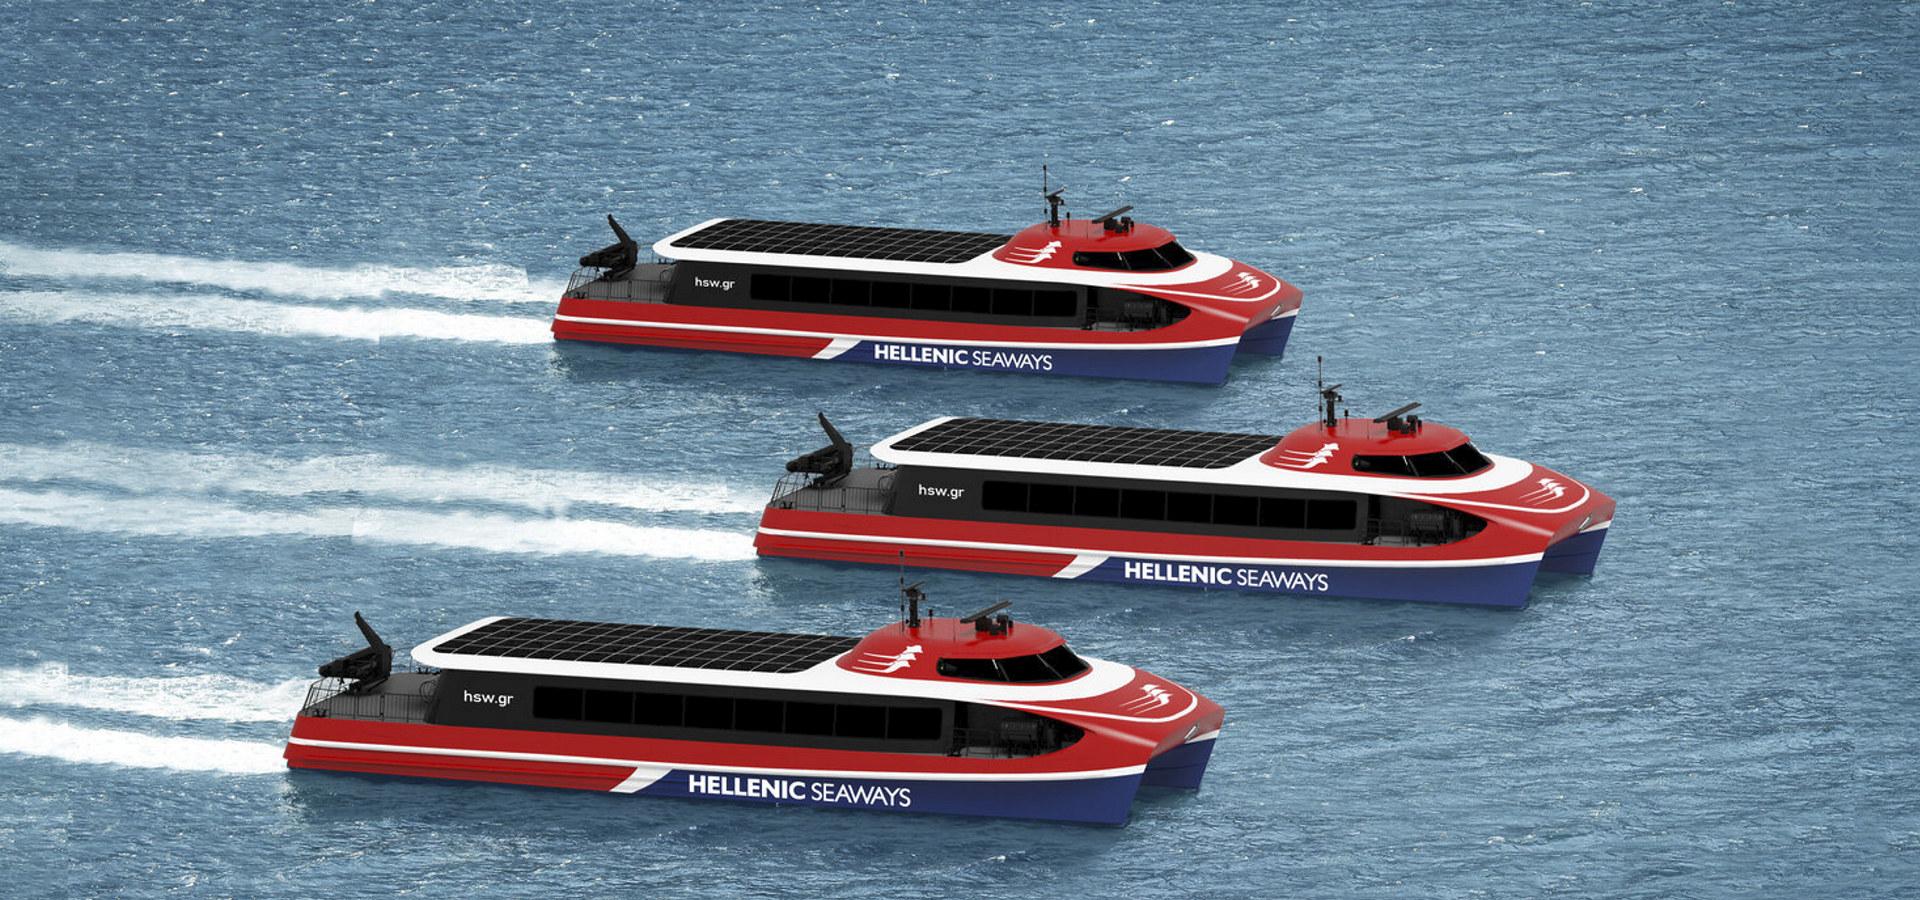 Brødrene Aa har blitt tildelt kontrakt for bygging av tre miljøvennlige hurtigbåter som skal frakte passasjerer rundt i det østlige Middelhavet. Illustrasjon: Brødrene Aa